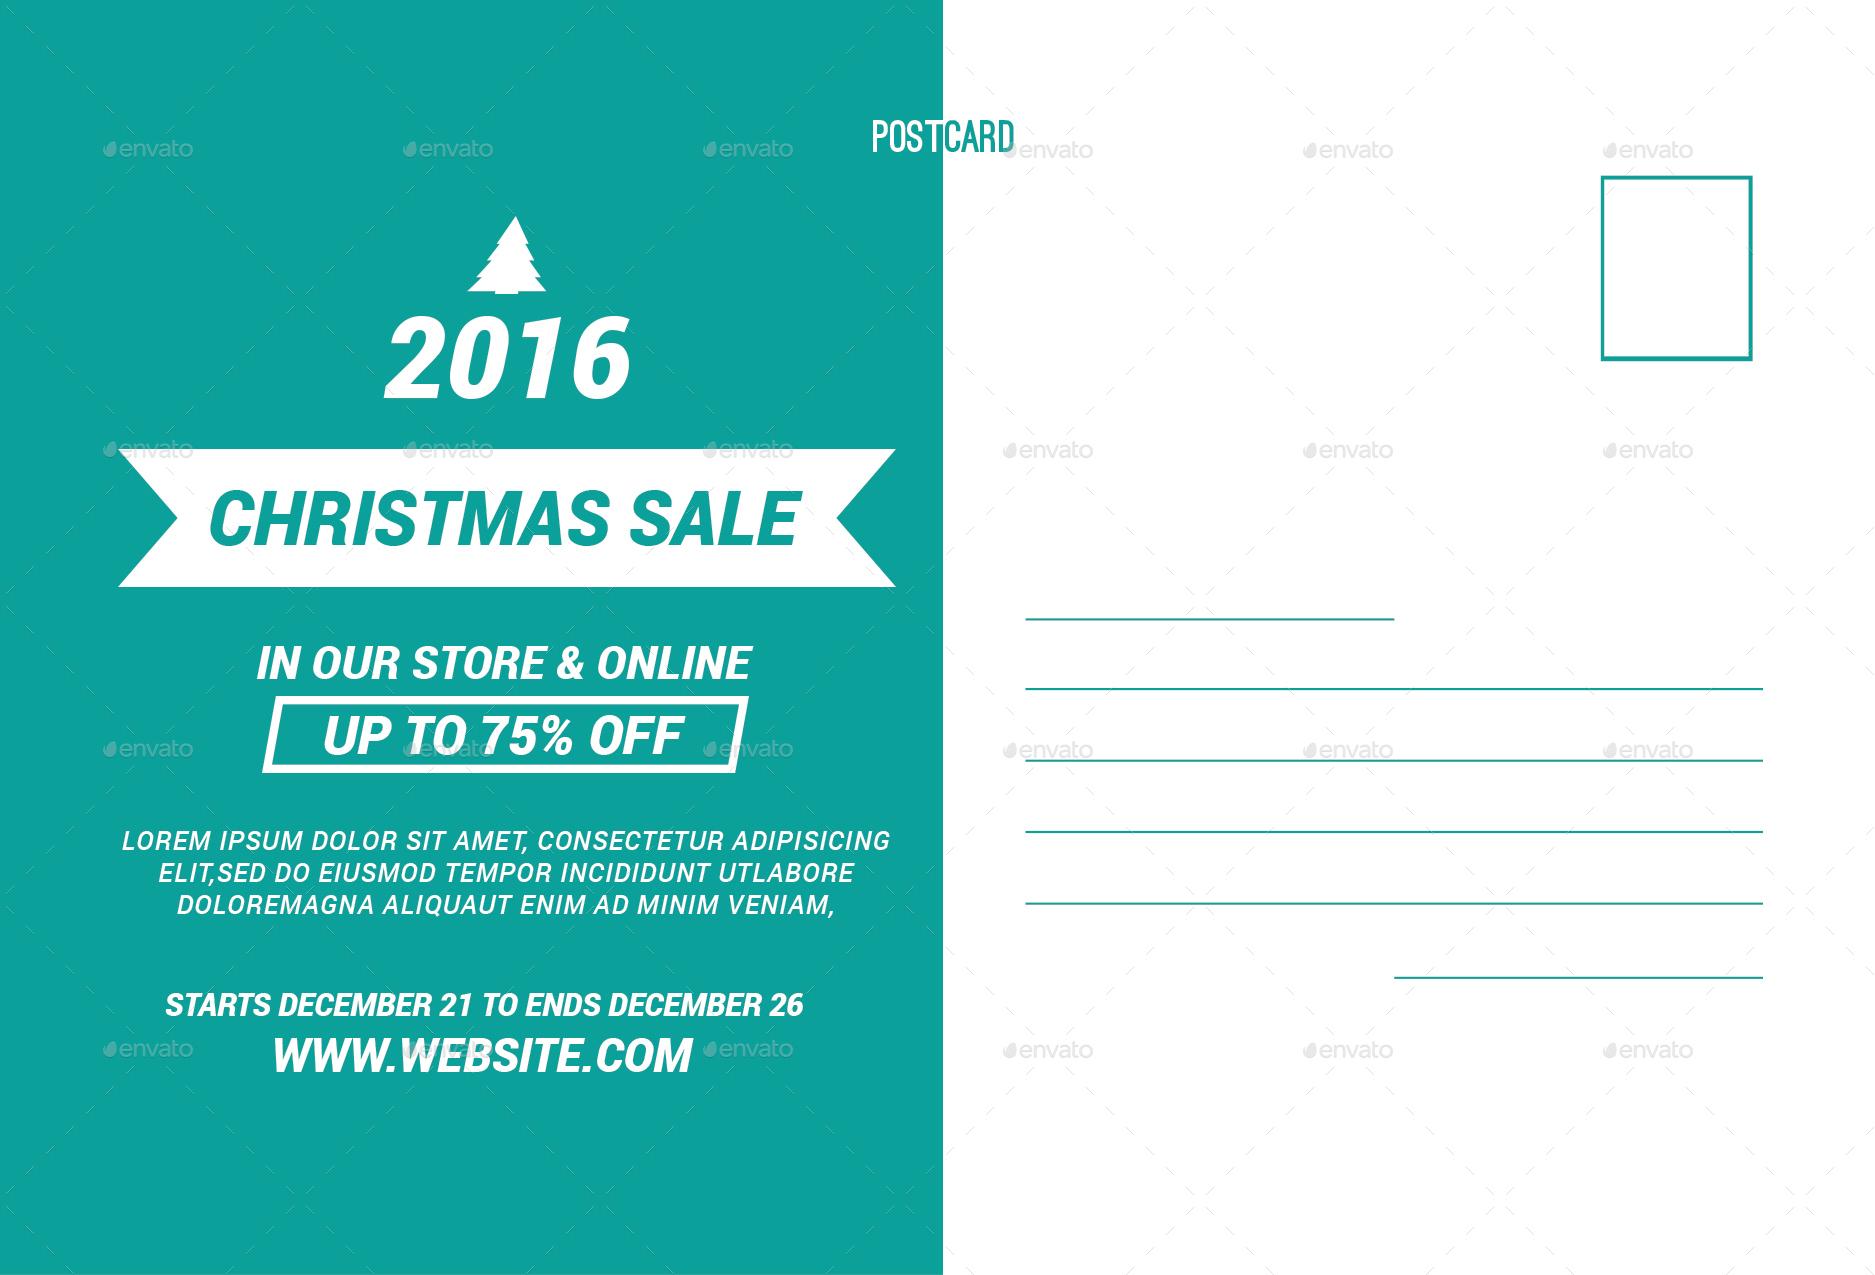 Merry Christmas Sale Postcard